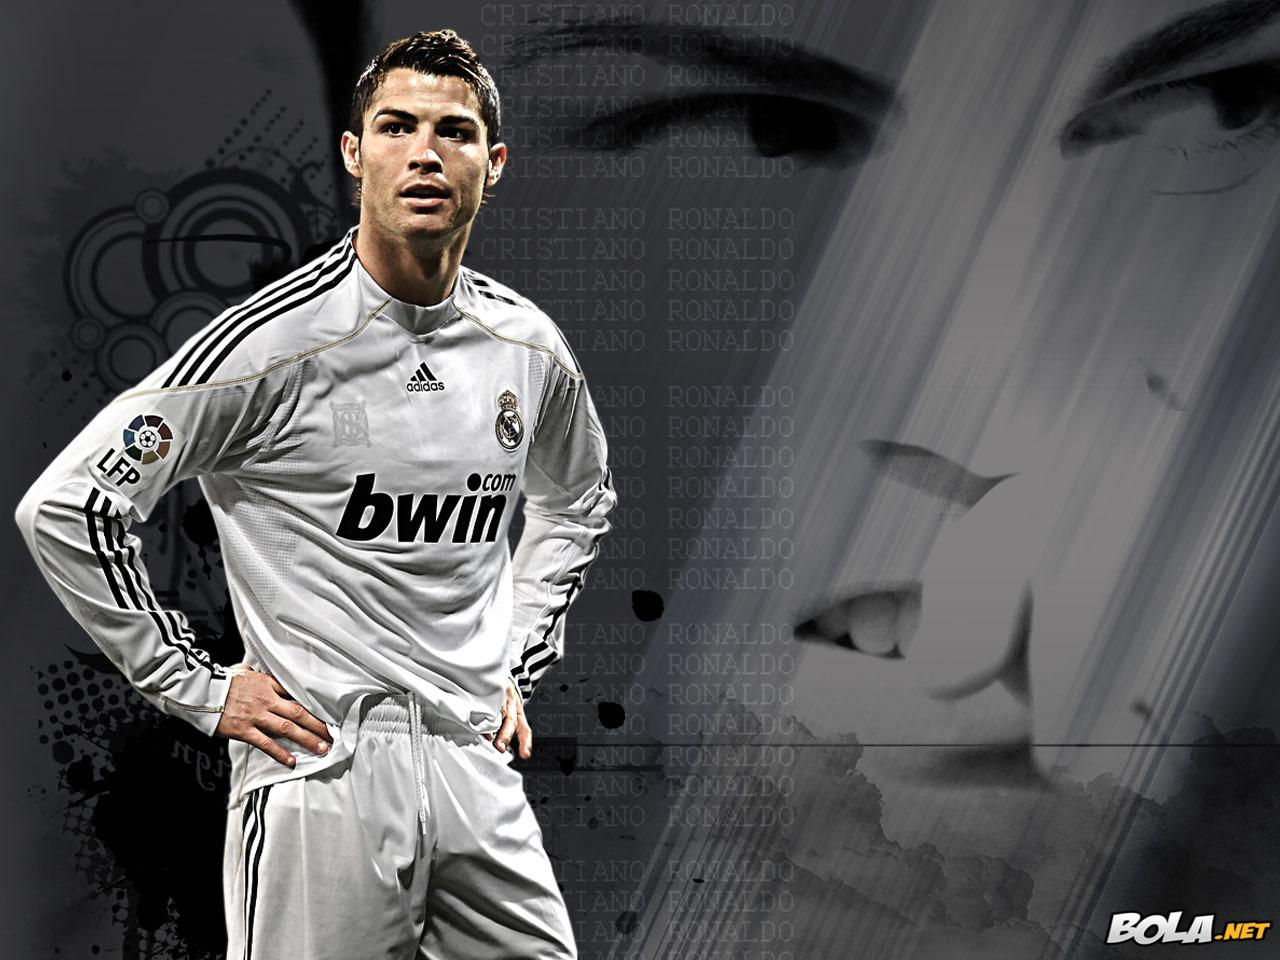 Cristiano Ronaldo Noticias vídeos y fotos de Qué  - Imagenes De Futbol Cristiano Ronaldo